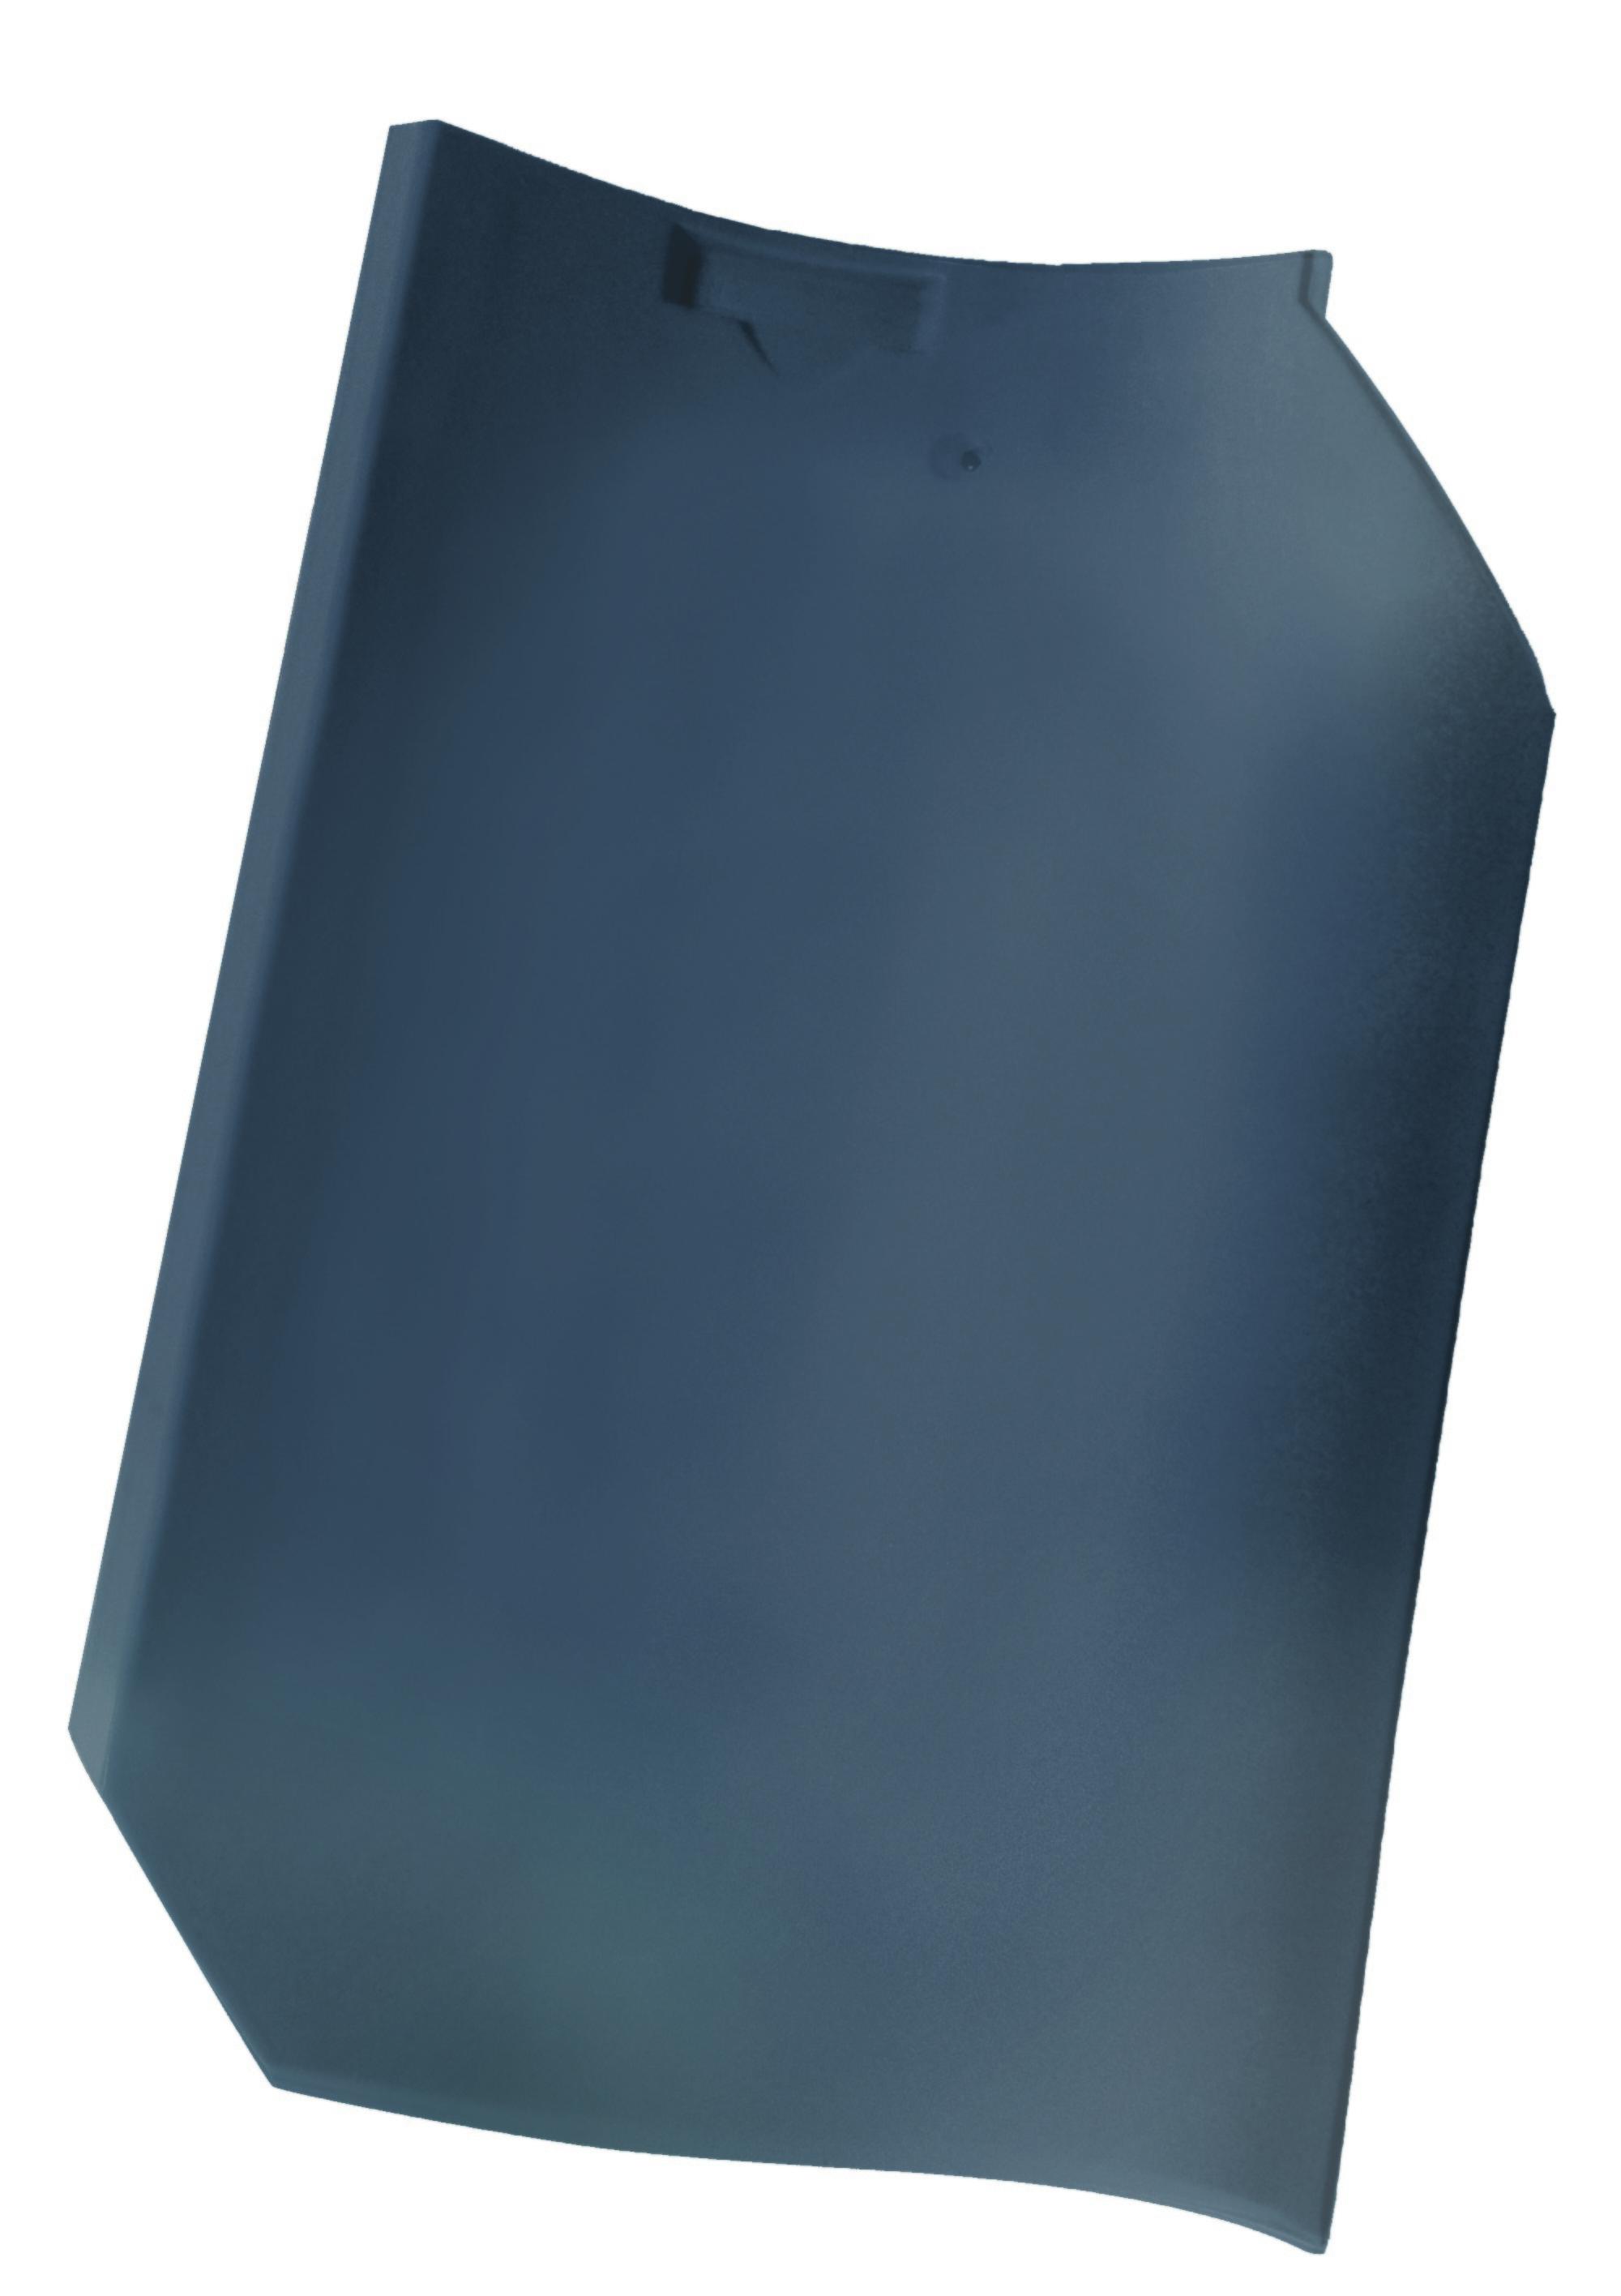 Hz_victorianblau gedaempft